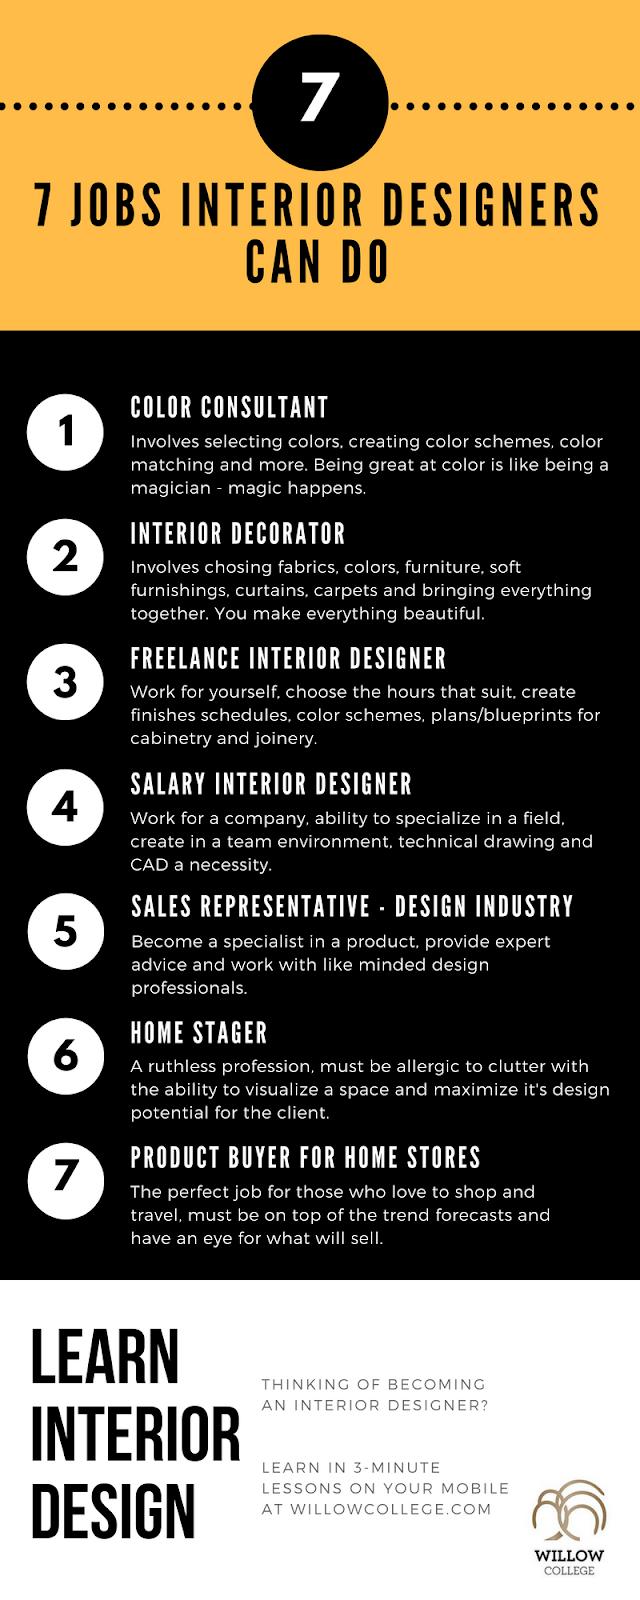 7 Jobs You Can Do If You Are An Interior Designer Interior Design Jobs Learn Interior Design Study Interior Design